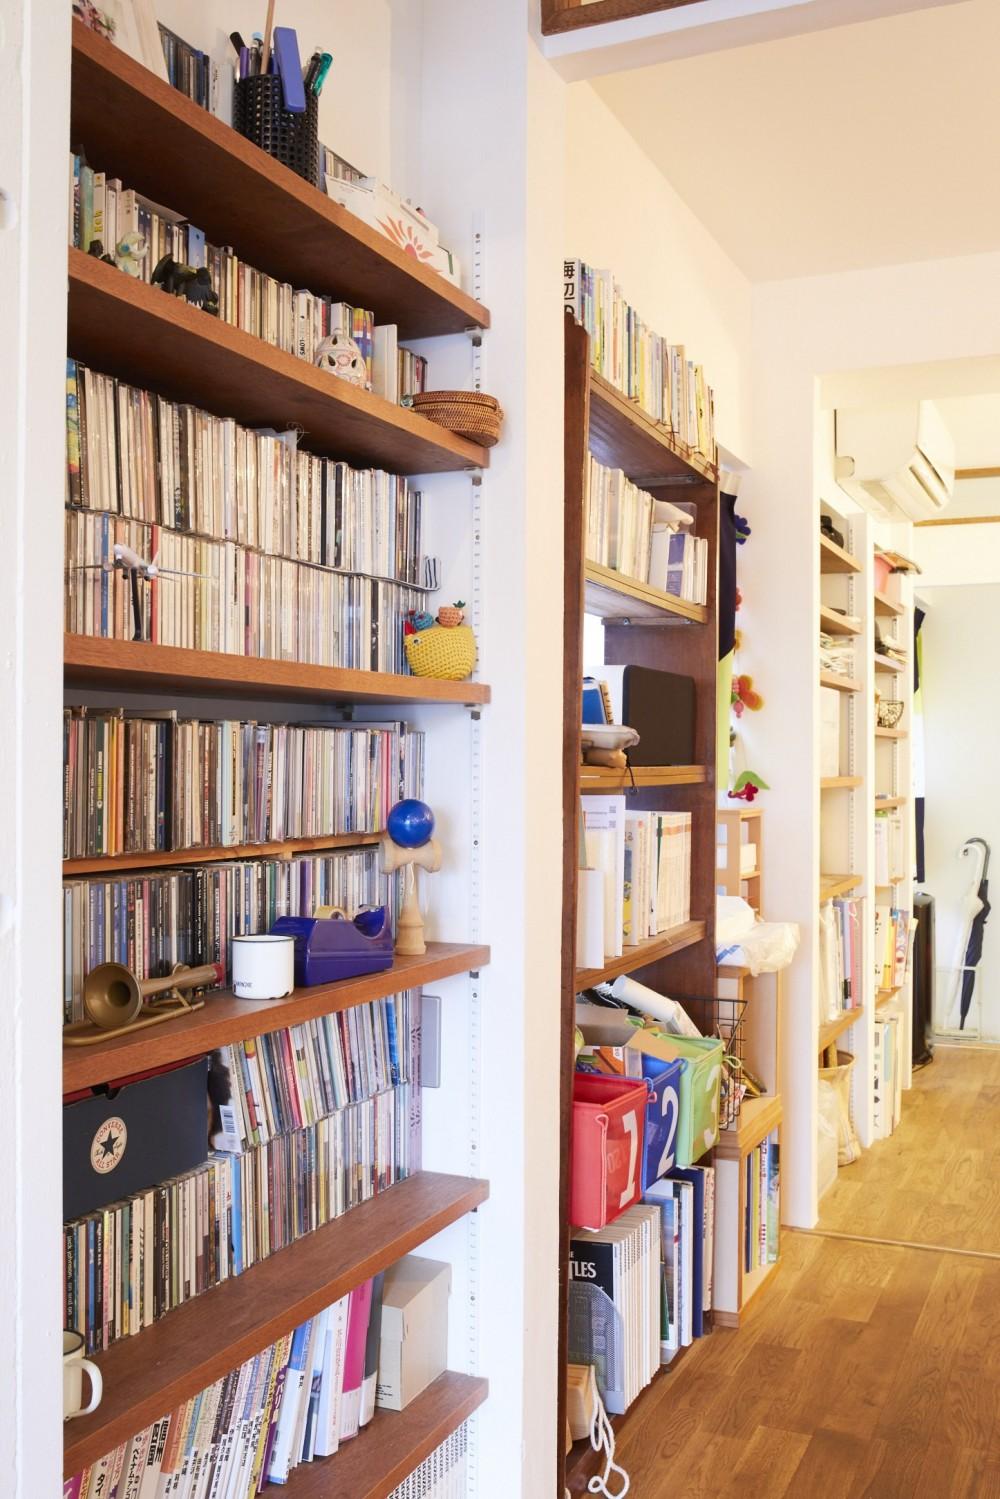 menue-思い出の家具を中心に、家族団らんを楽しめる住まいを (廊下)